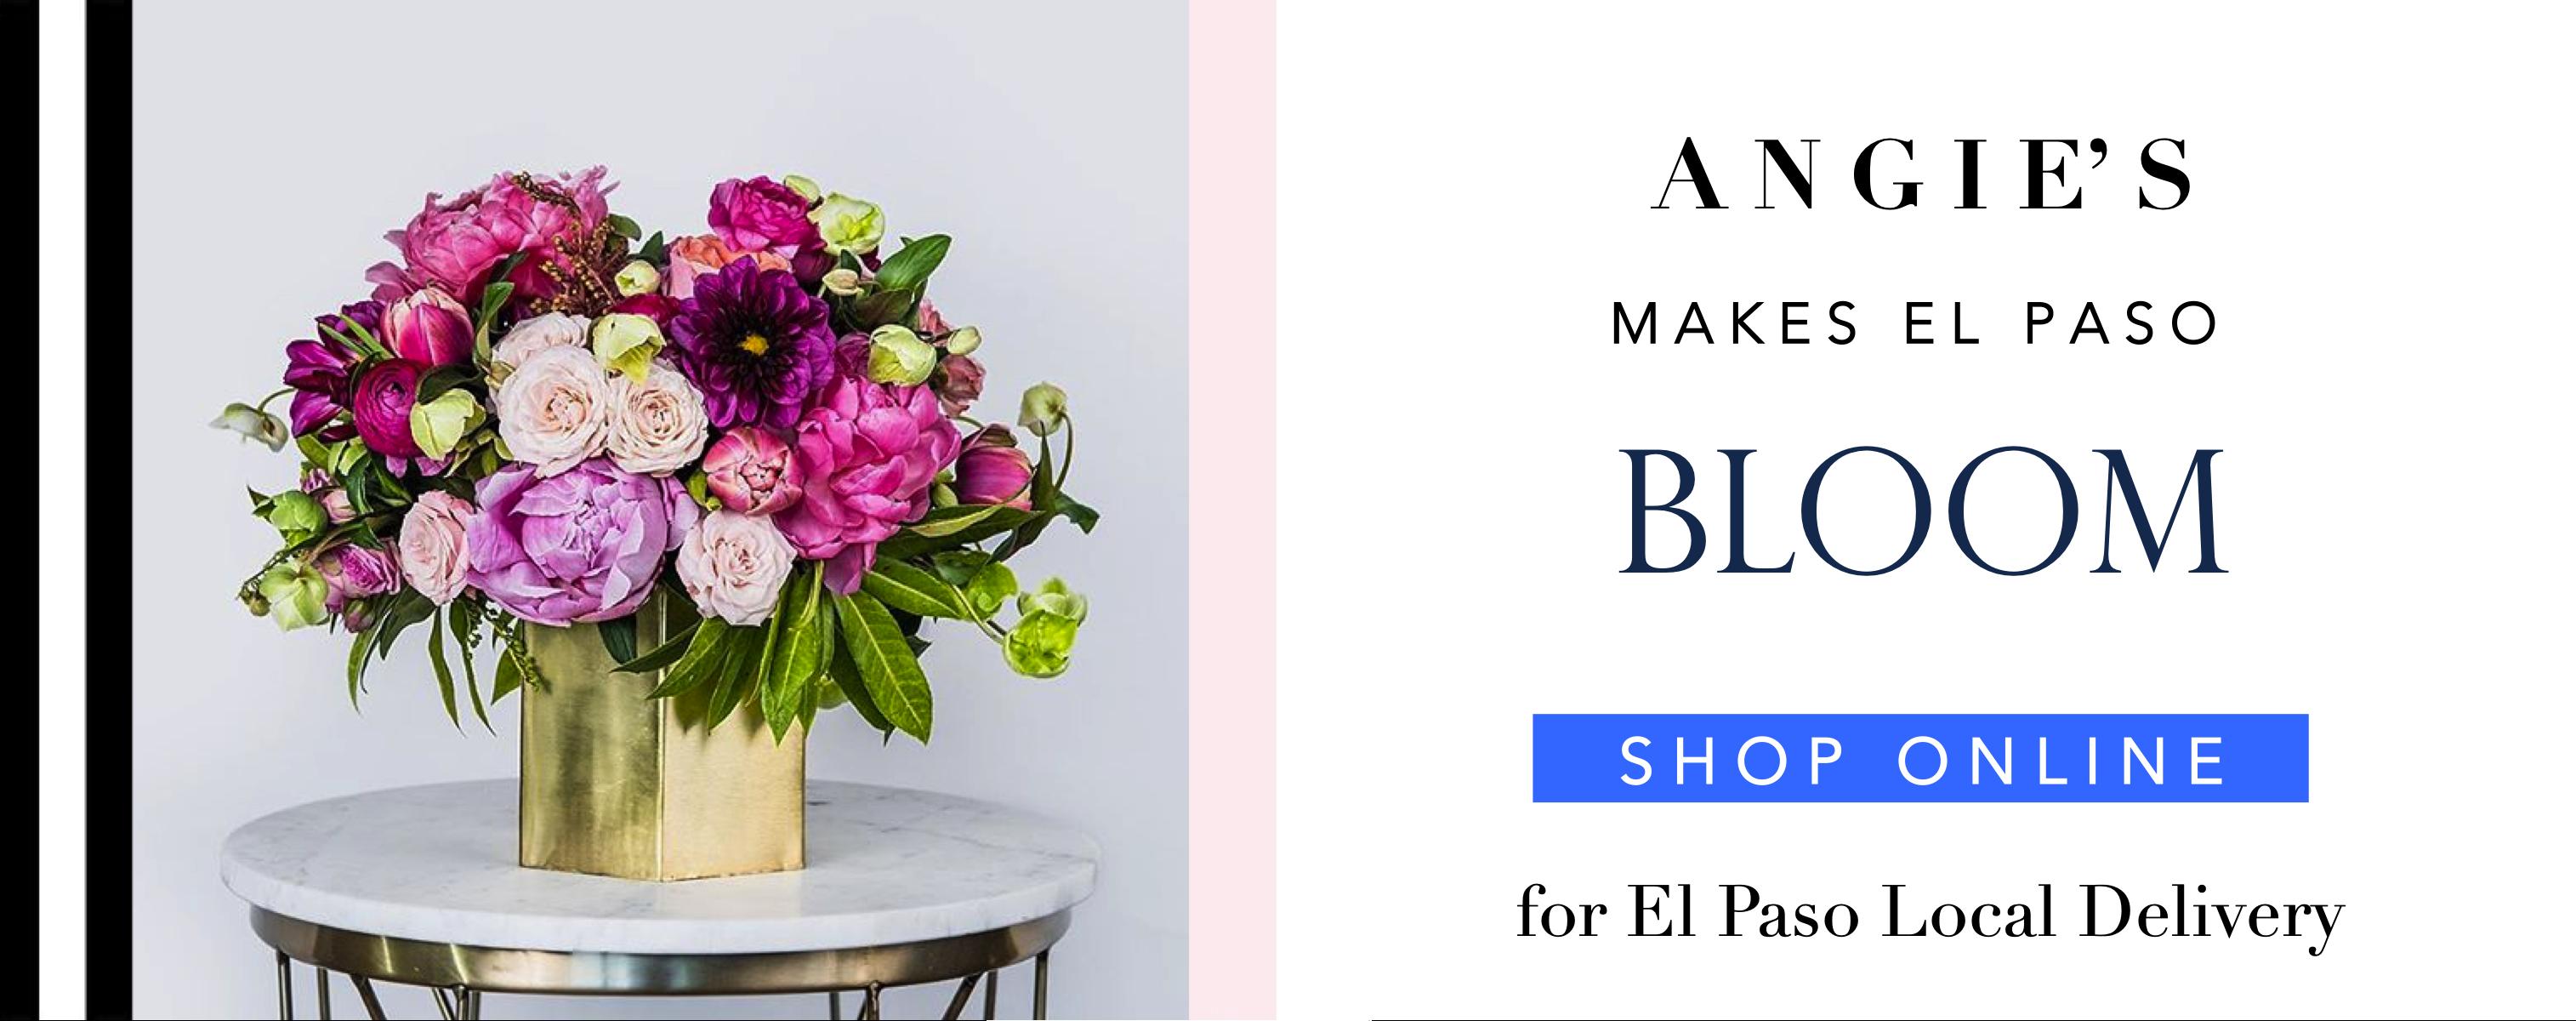 0-79912-angies-floral-designs-roses-el-paso-flowershop-el-paso-florist-79912-flowershop-flower-delivery-el-paso-luxury-flowers-angies-floral-el-paso-florist-79912-.png